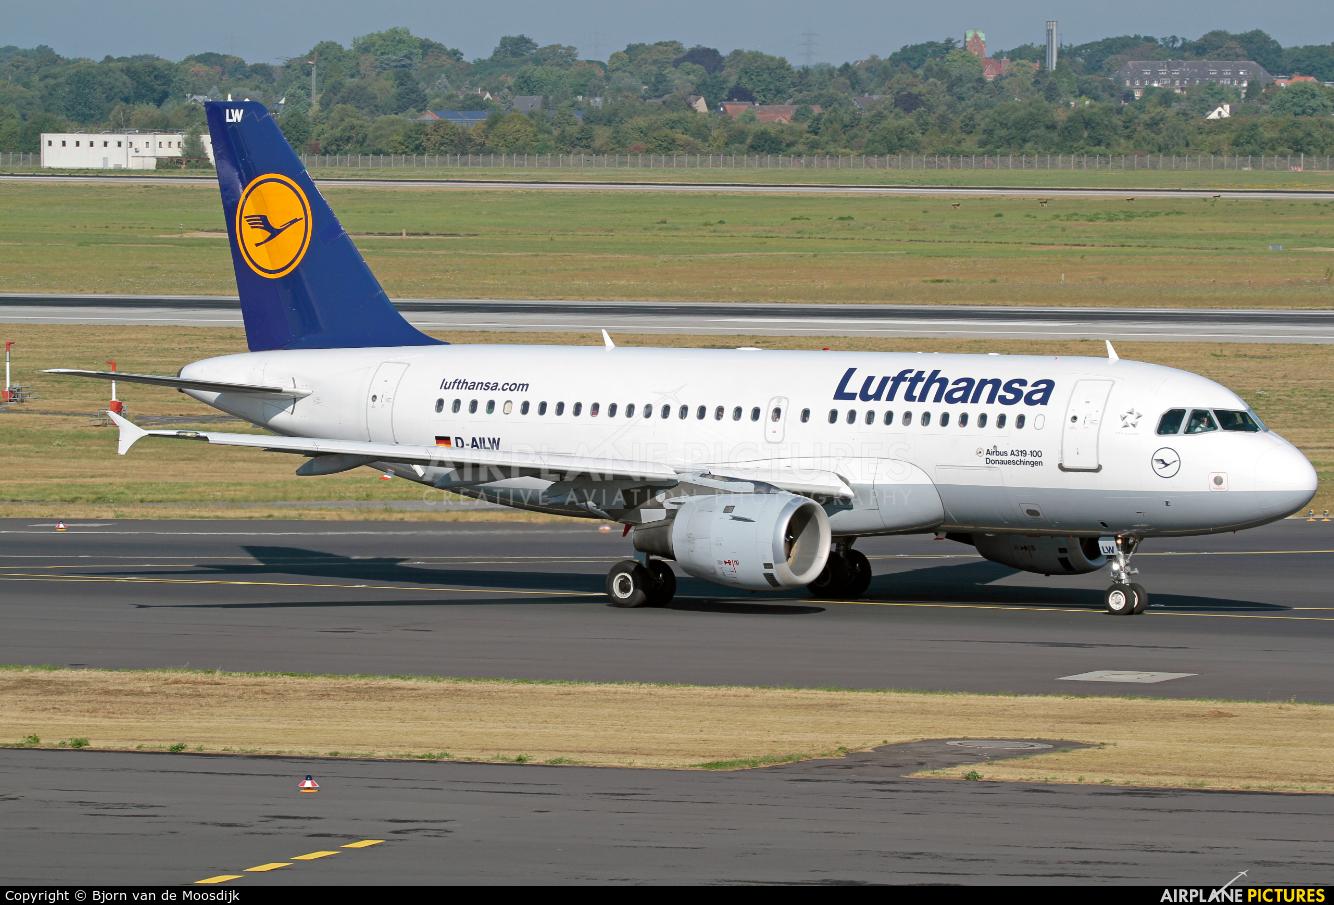 Lufthansa D-AILW aircraft at Düsseldorf